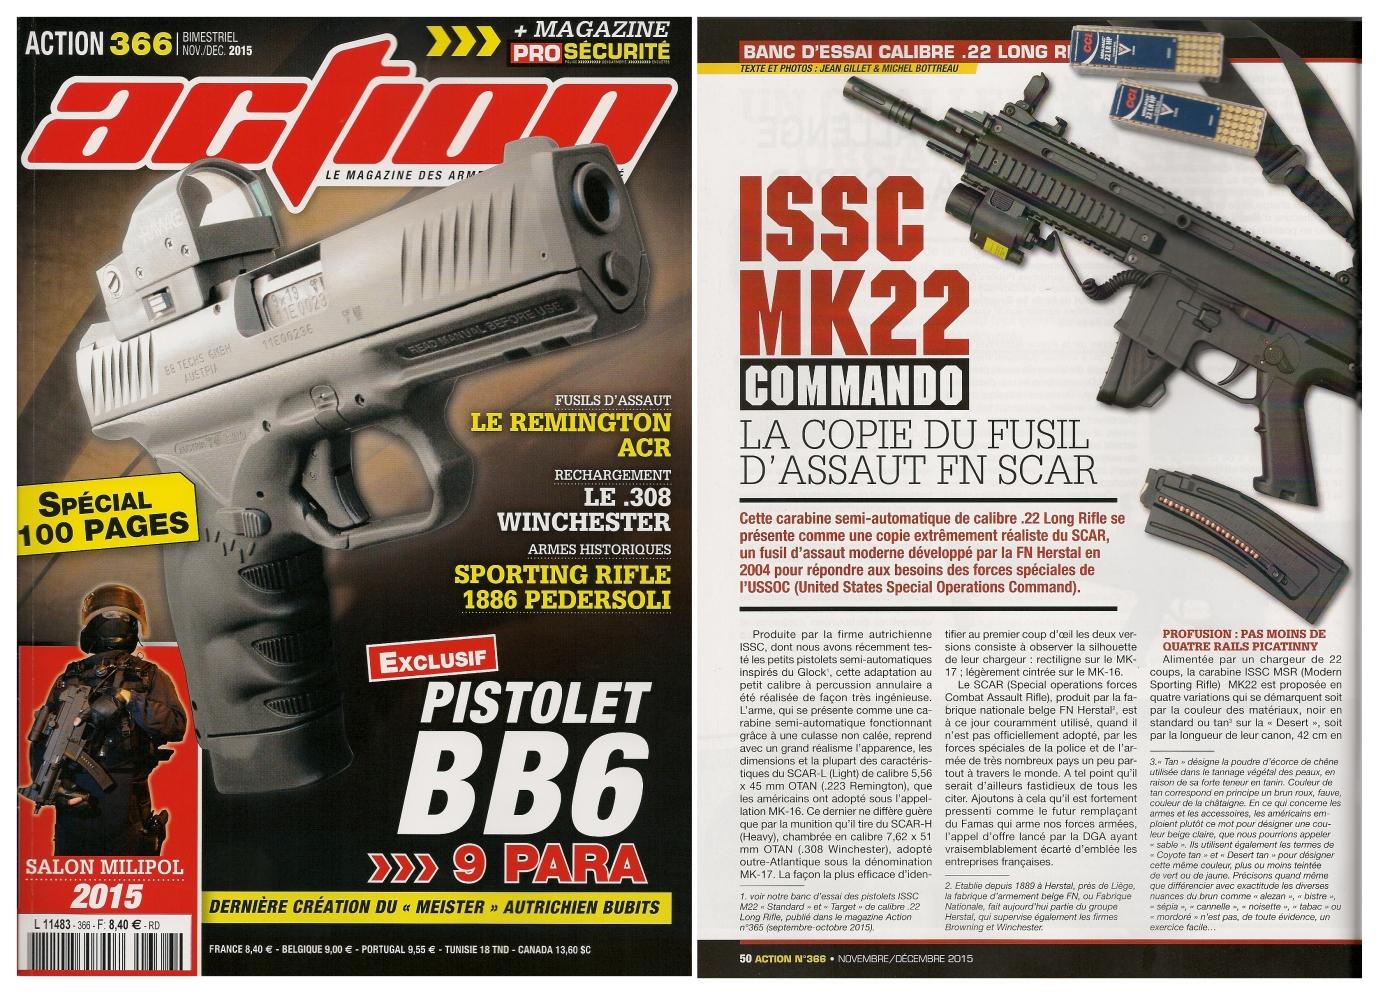 Le banc d'essai de la carabine ISSC MK22 Commando a été publié sur 6 pages dans le magazine Action n°366 (novembre-décembre 2015).